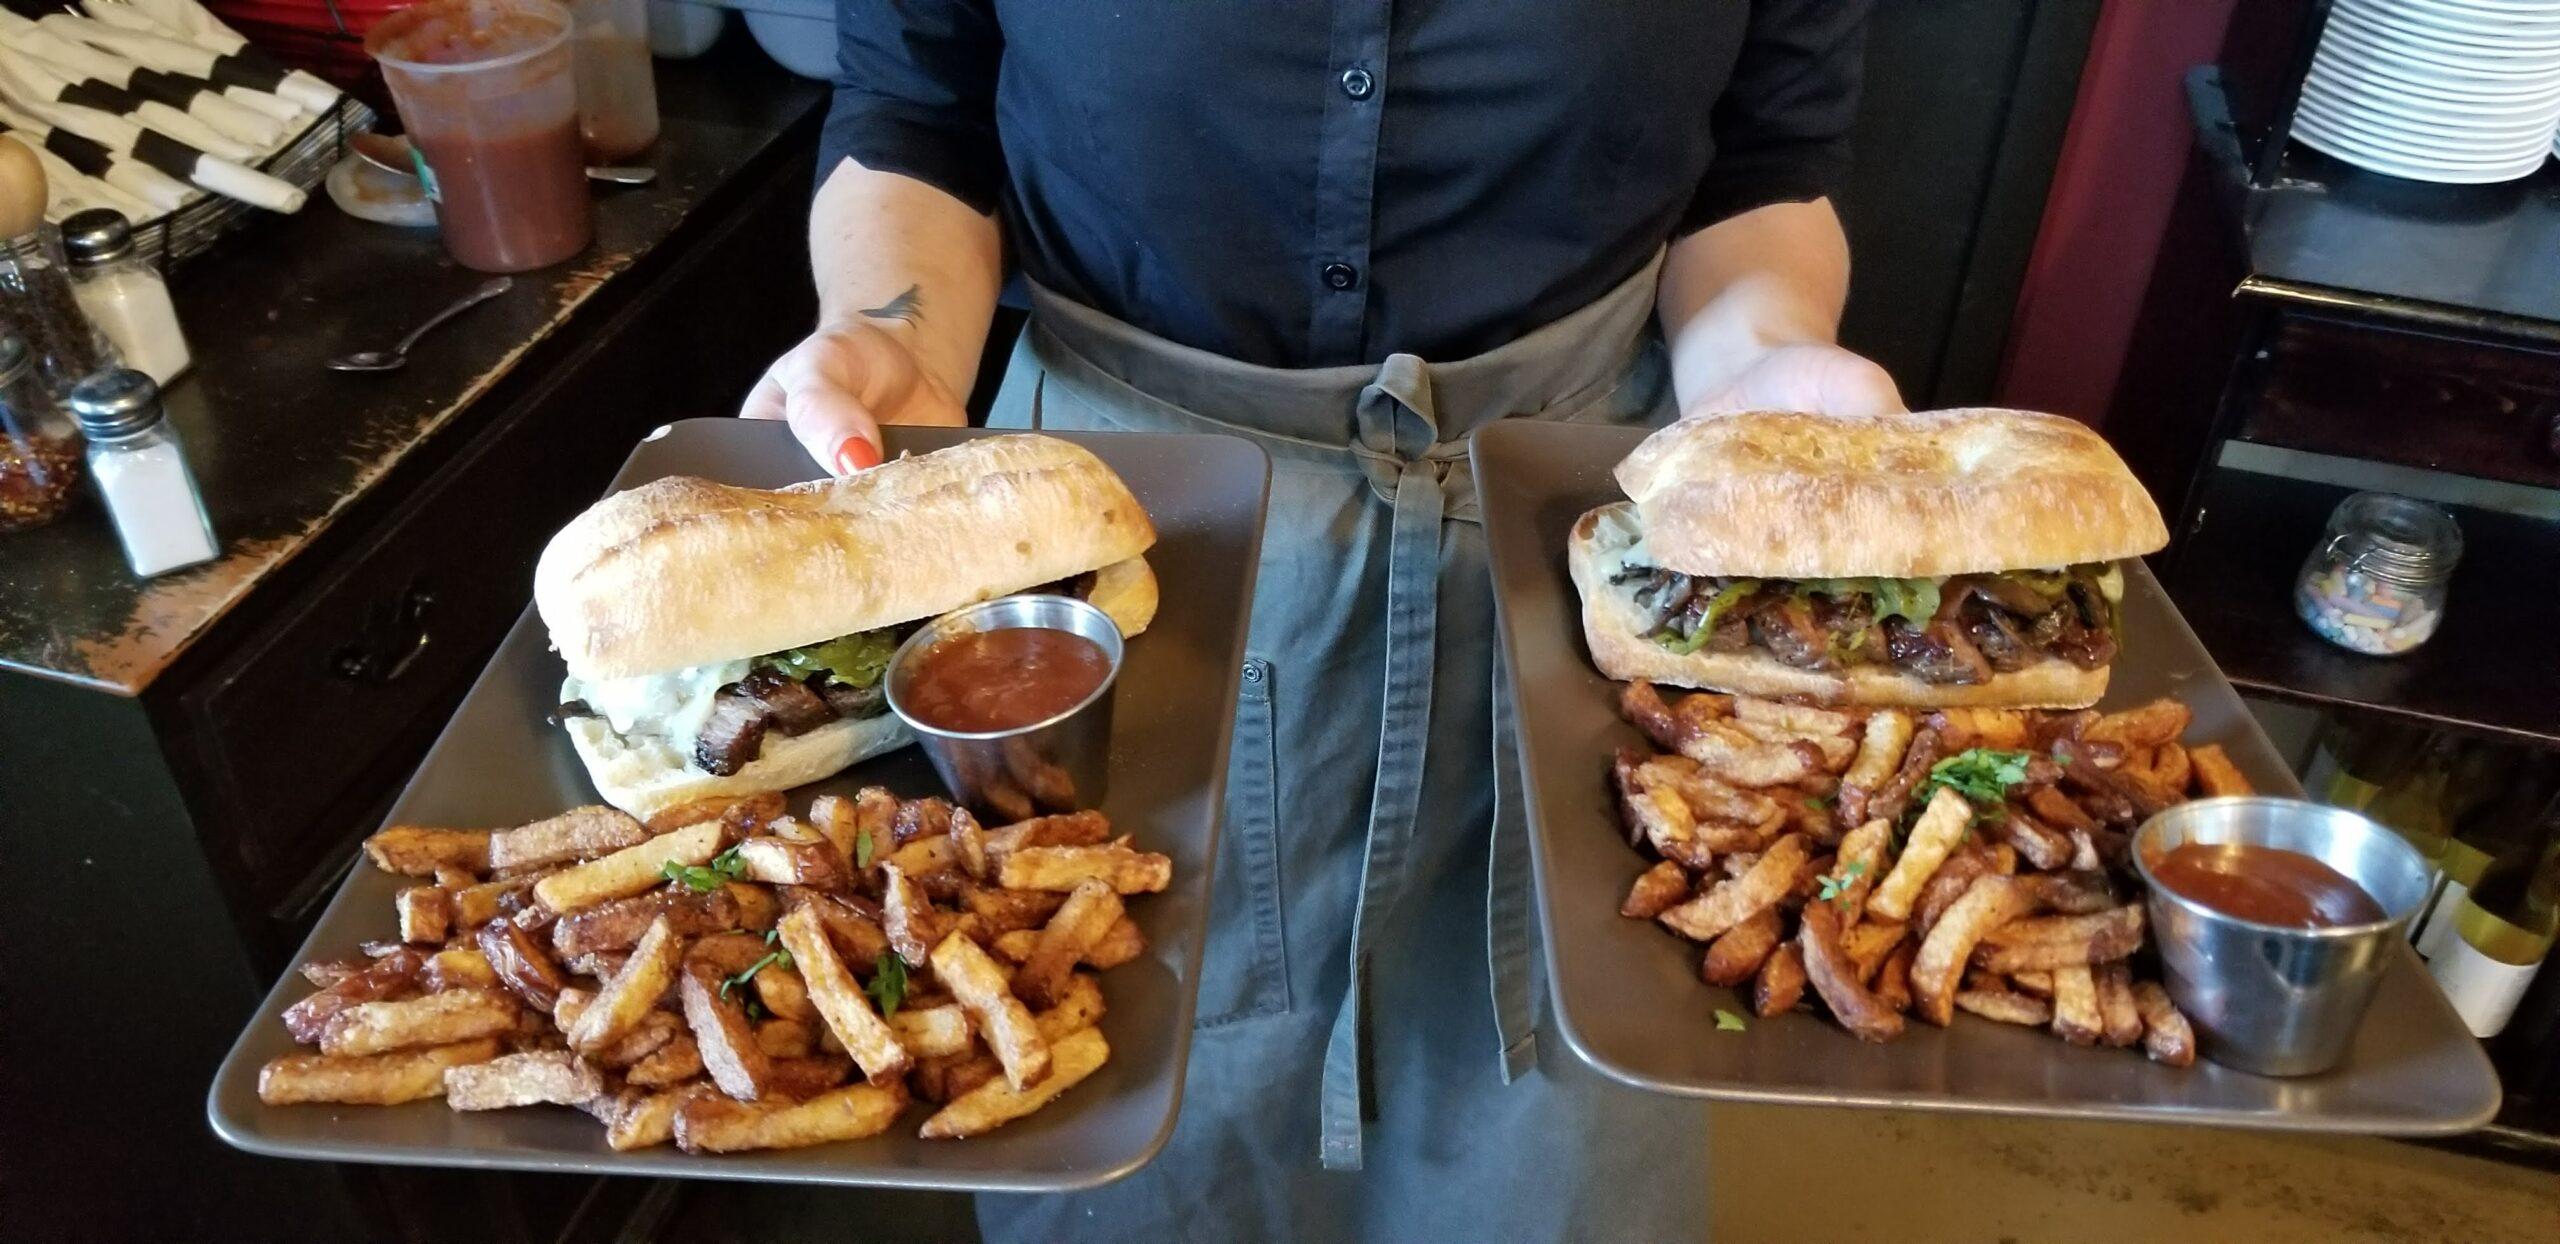 Philly Steak Sandwich